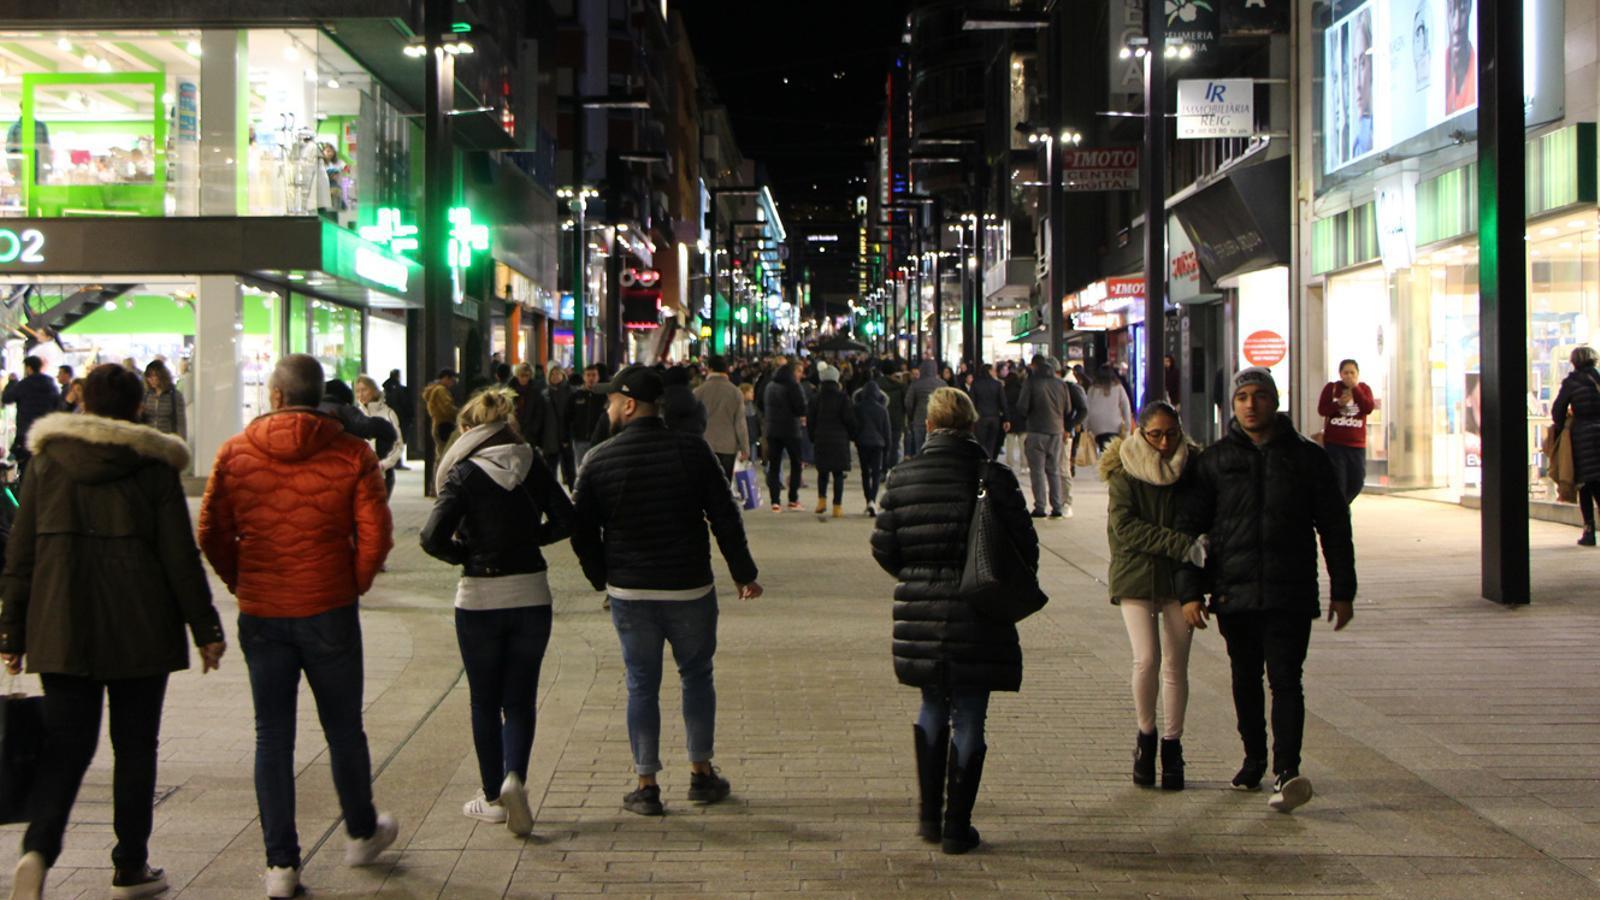 L'avinguda Meritxell plena de turistes passejant. / ARXIU